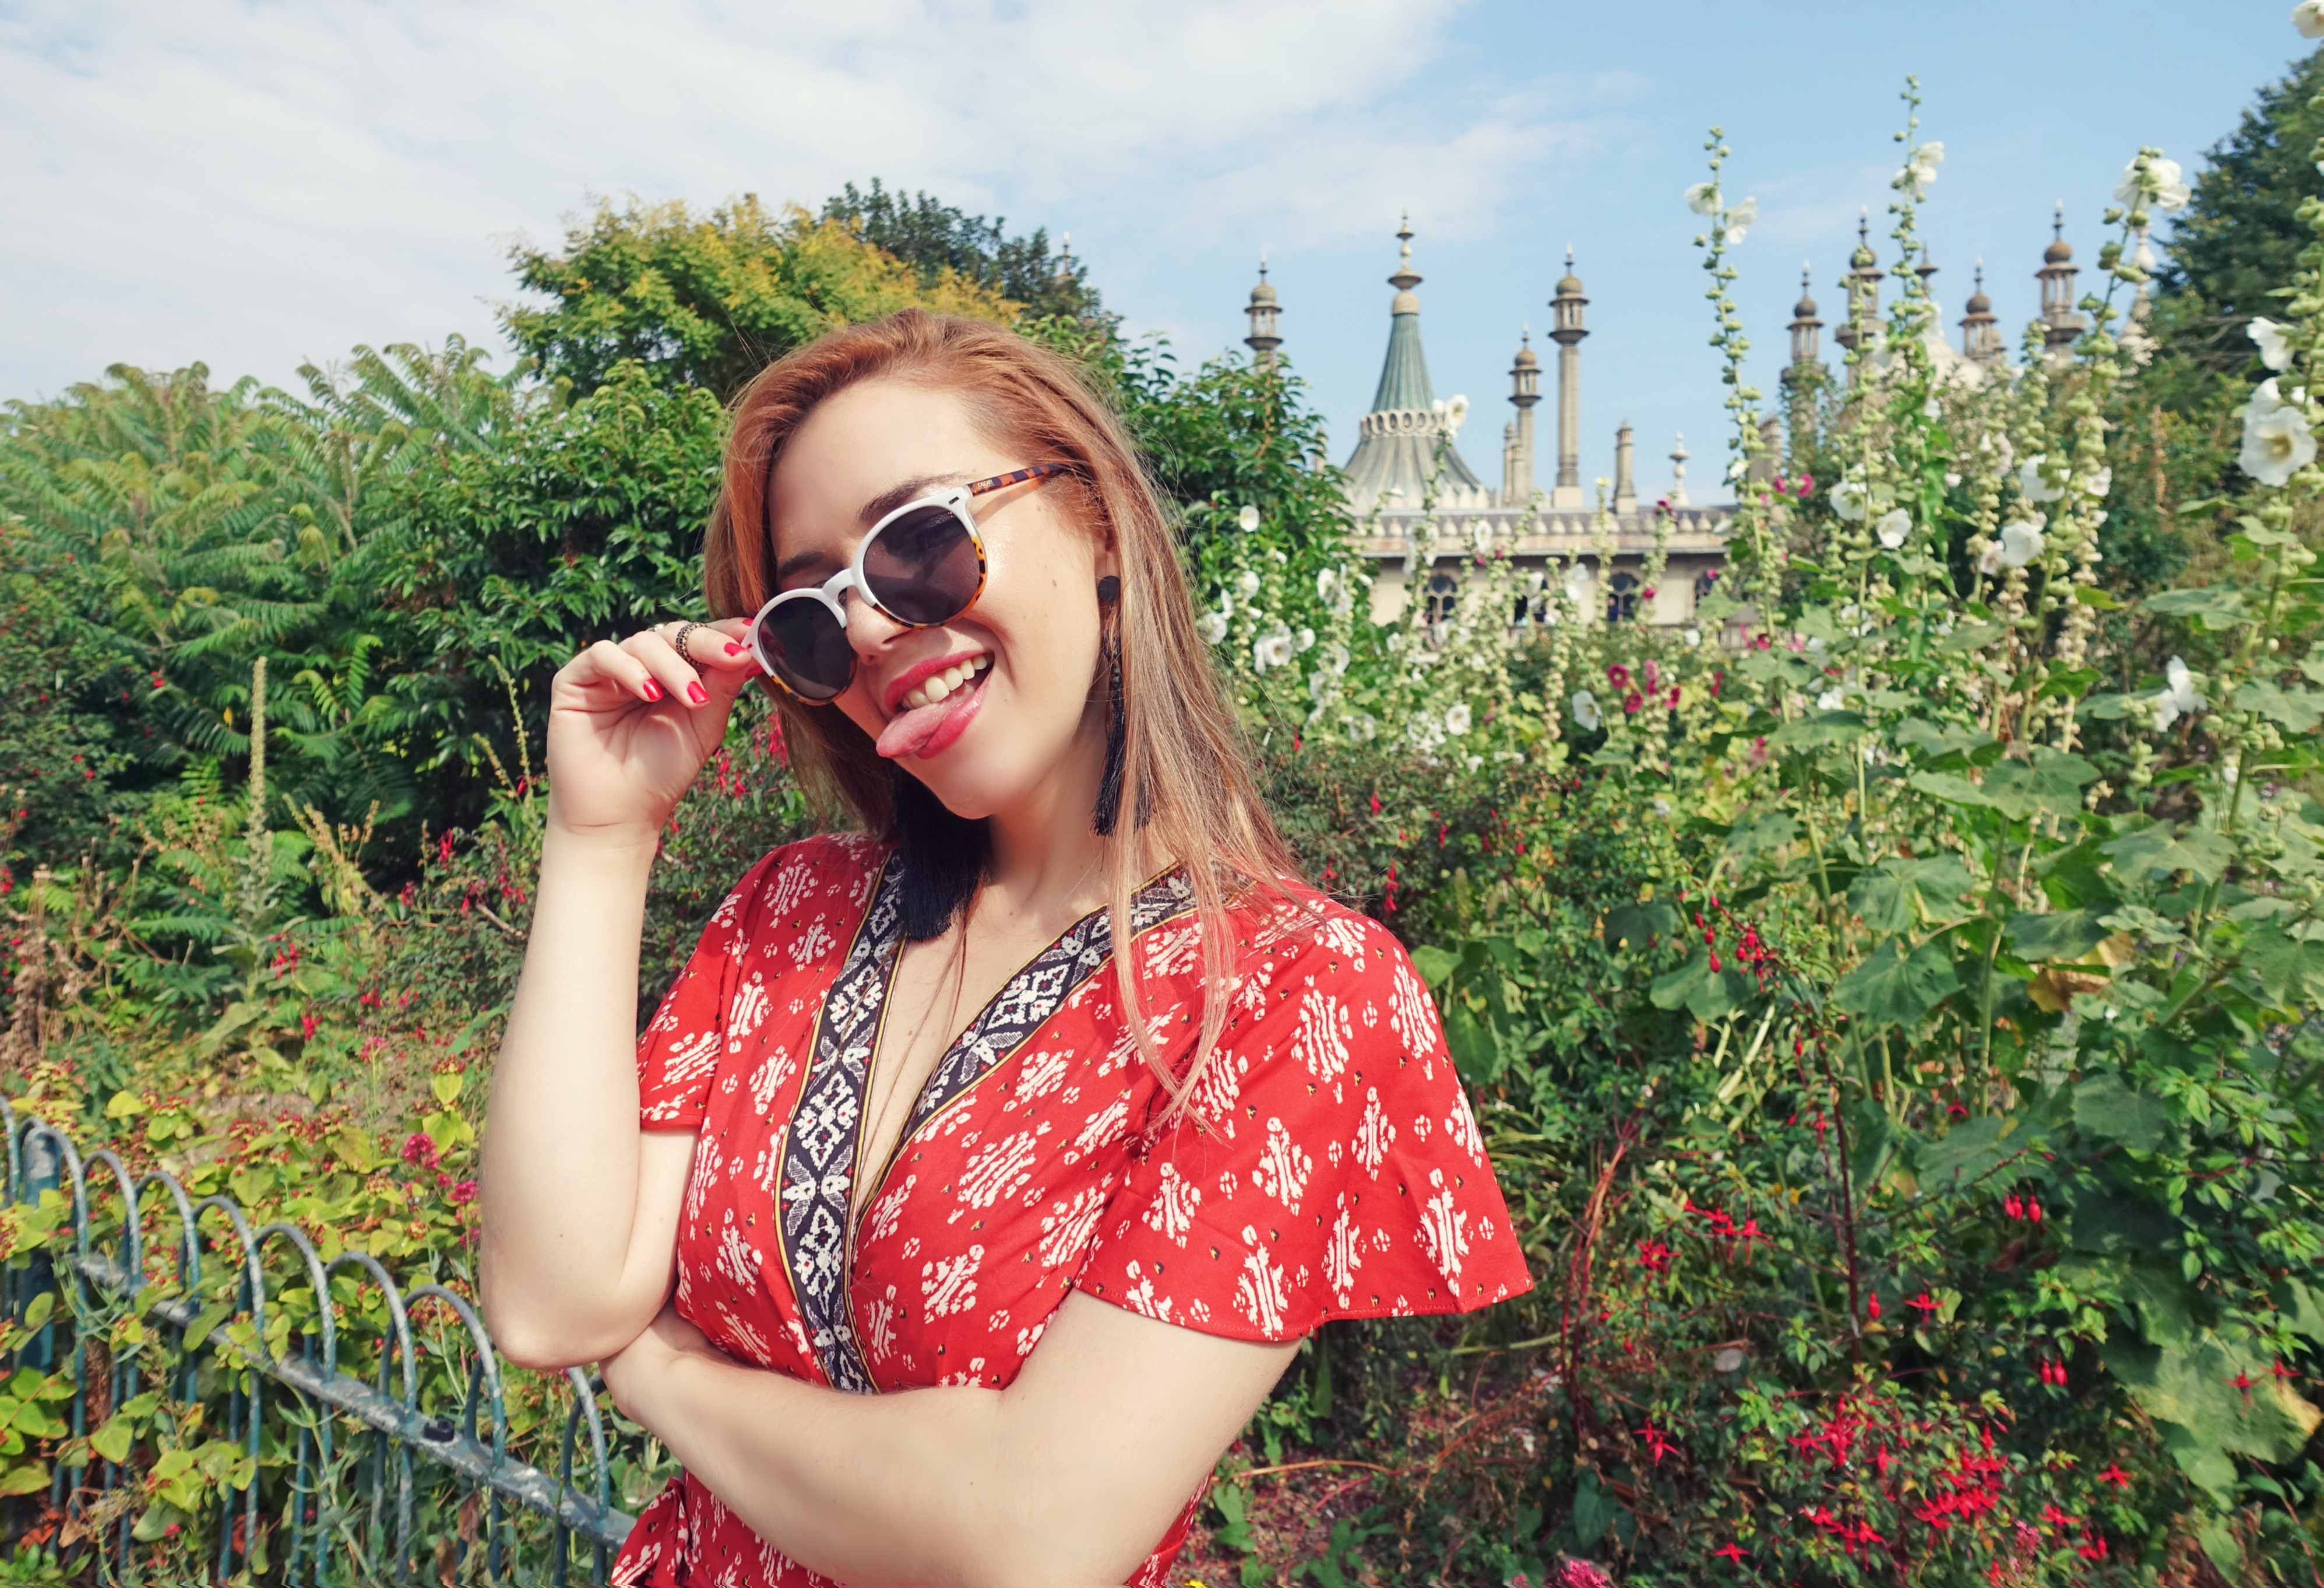 Influencer-spain-ChicAdicta-blog-de-moda-Chic-adicta-PiensaenChic-Royal-Pavilion-brignton-vestidos-estampados-floryday-Piensa-en-Chic